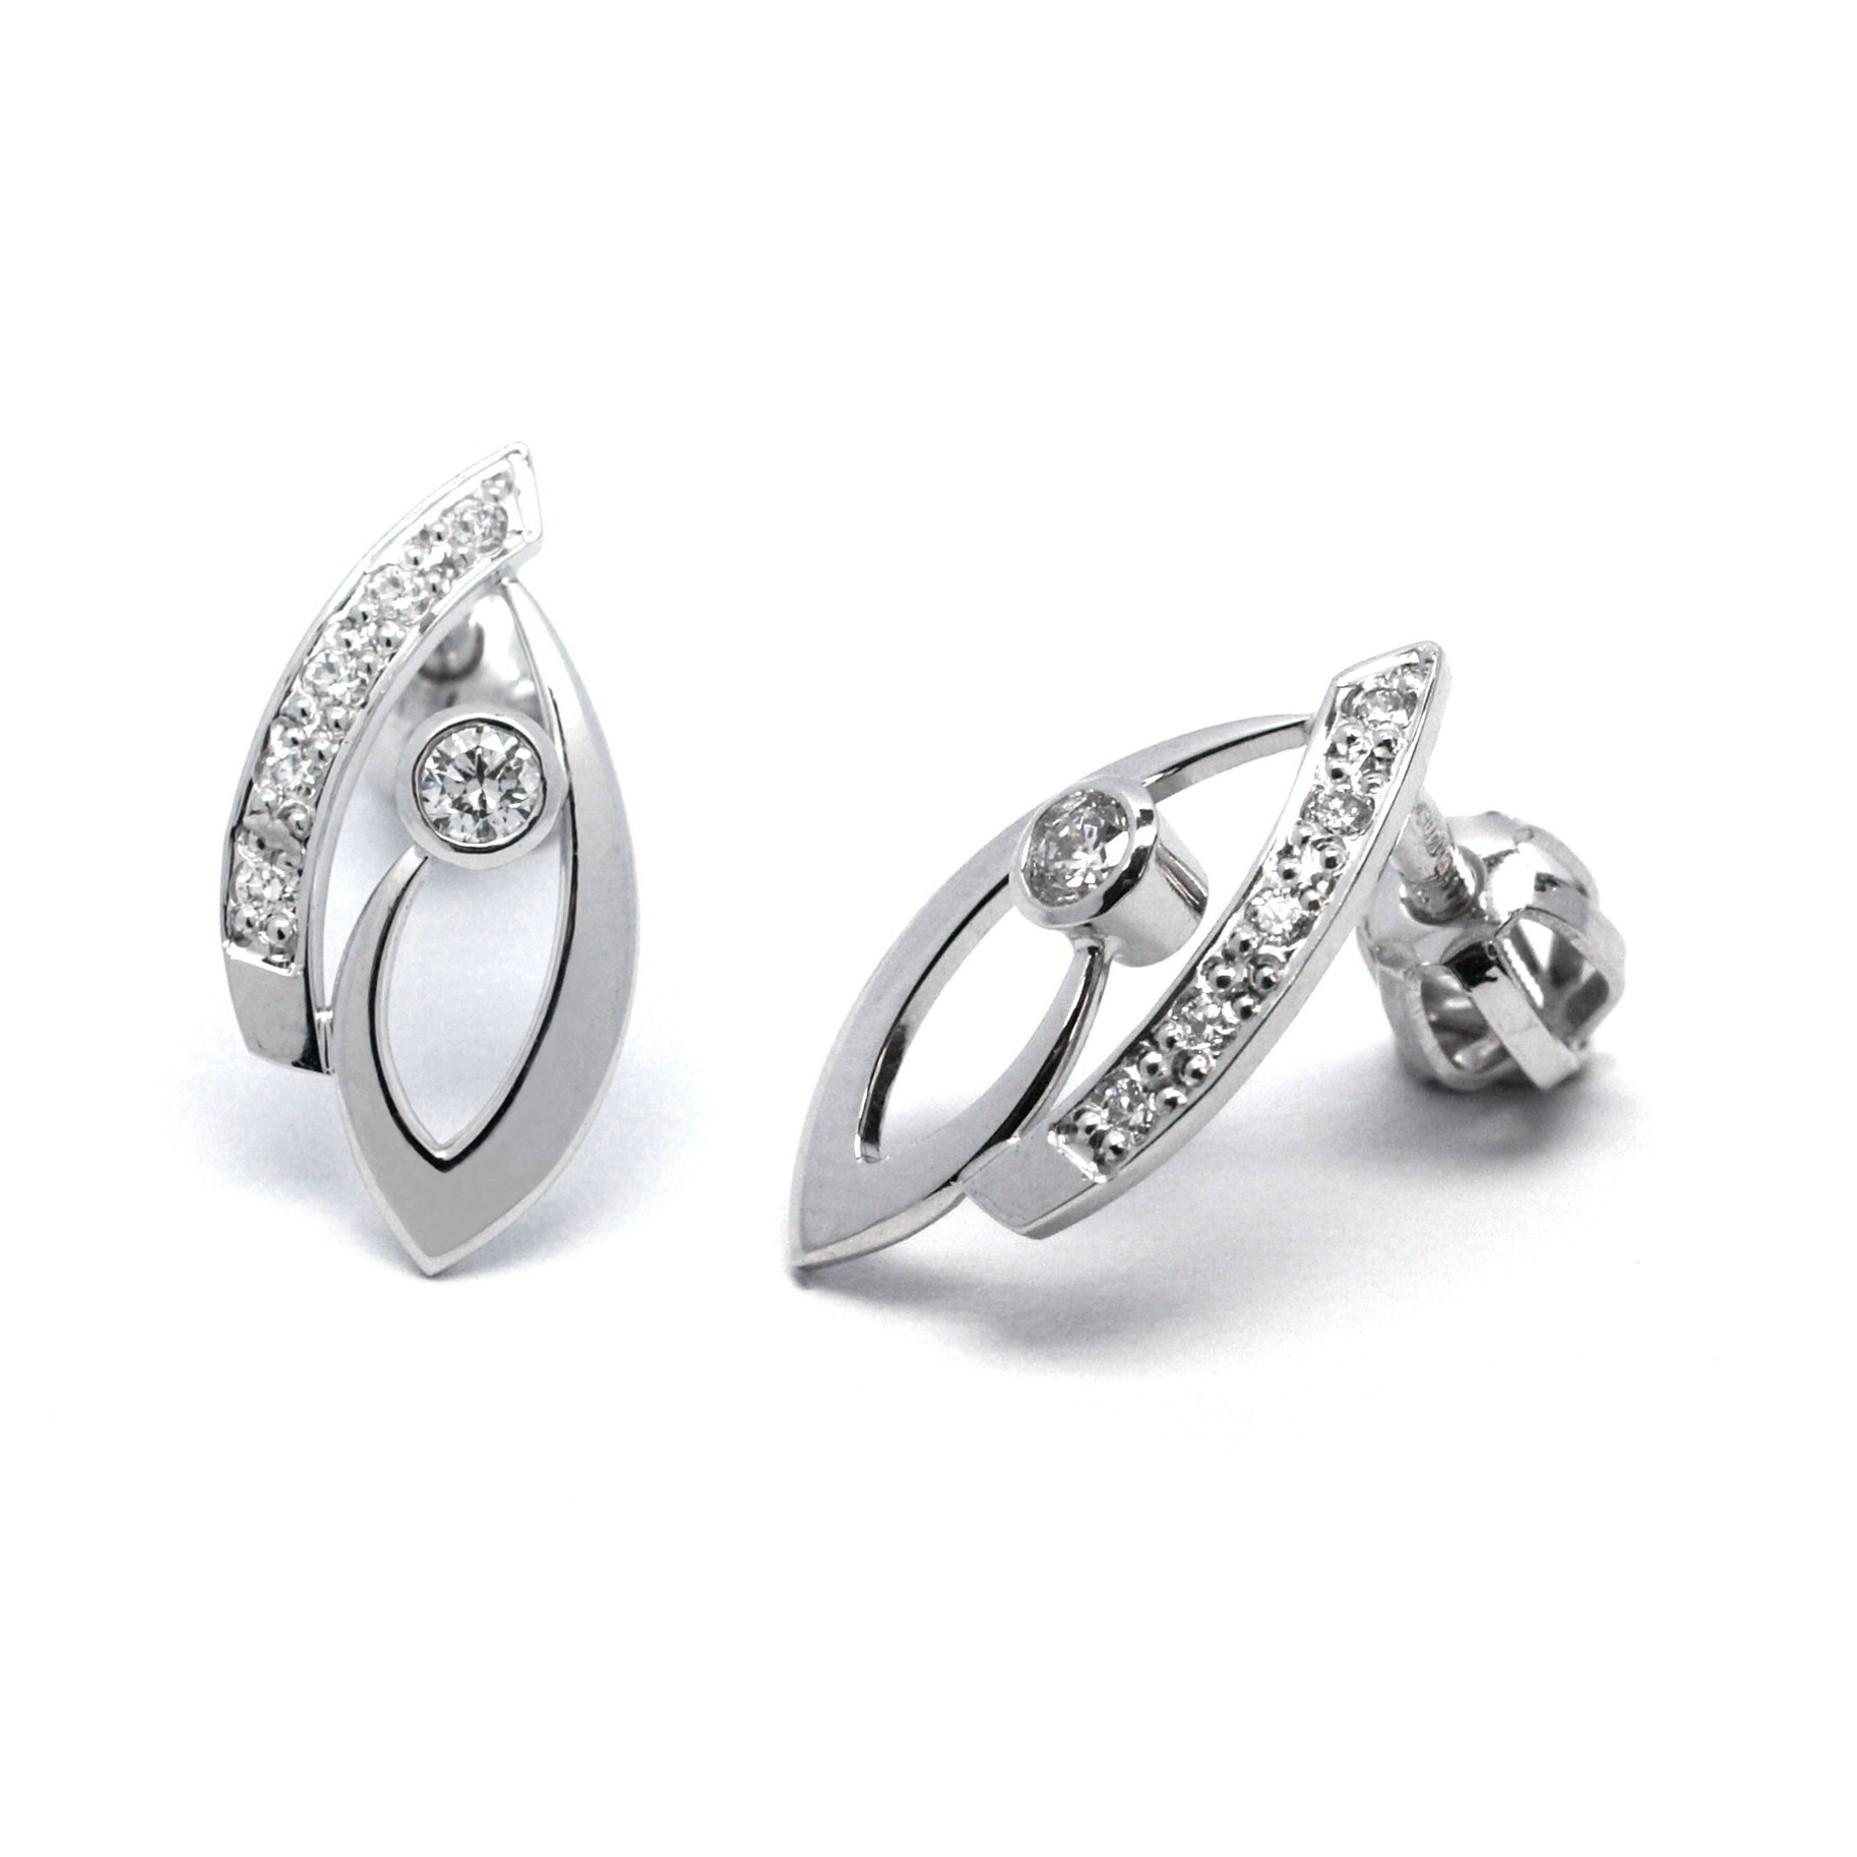 Ručně vyrobené náušnice z bílého zlata s diamanty J-28706-17 na šroubek (J-28706-17 - POŠTOVNÉ ZDARMA!!)